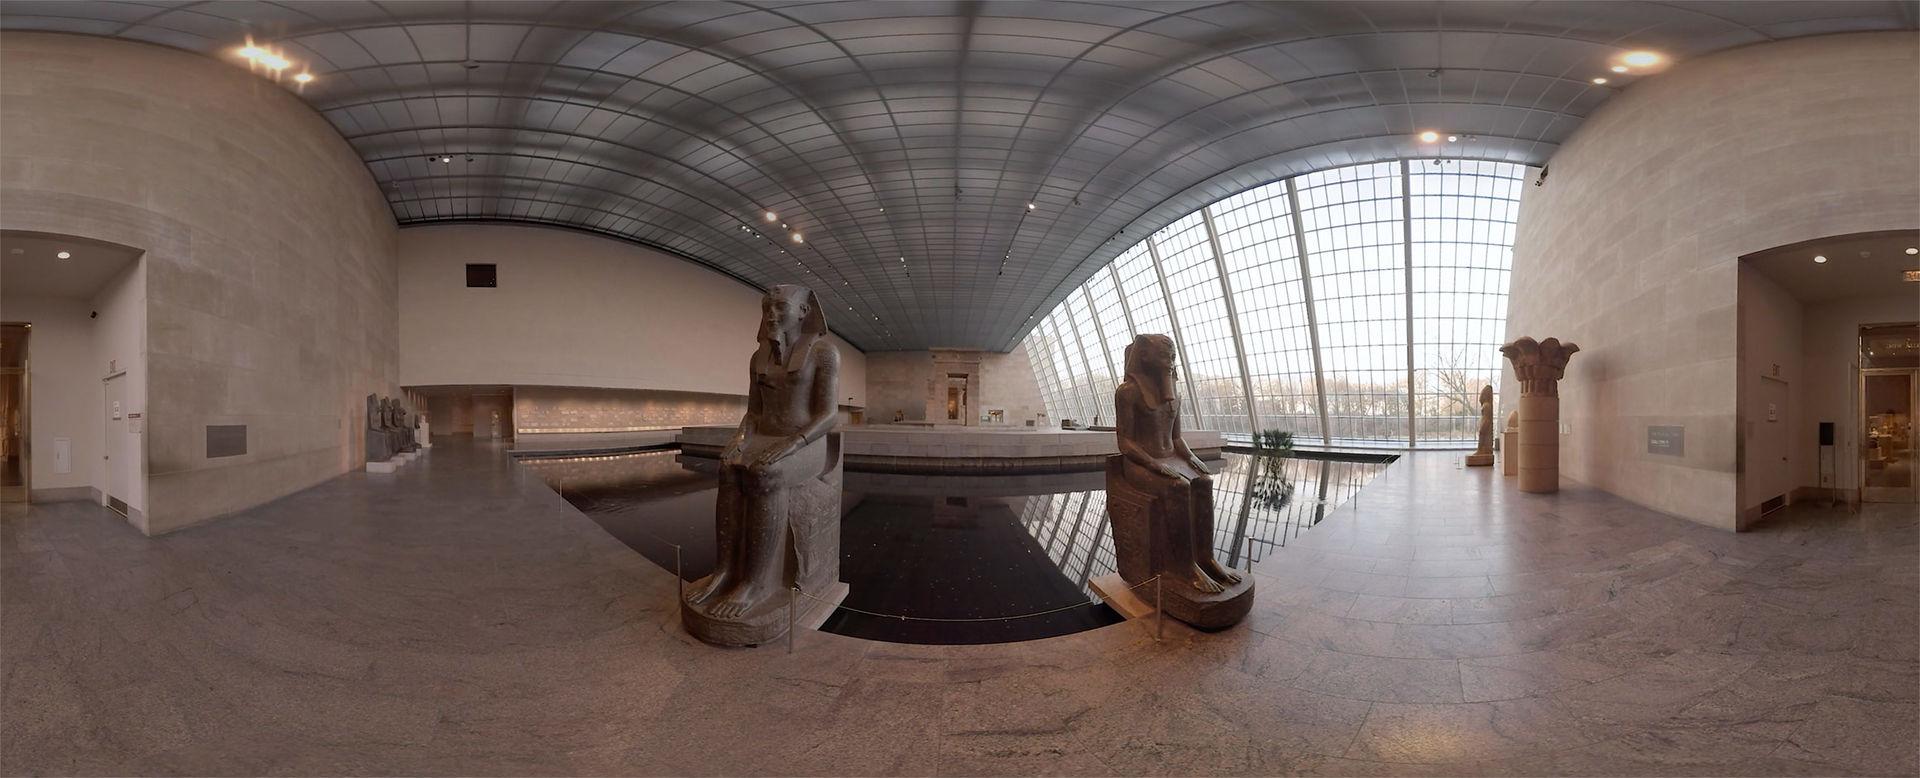 The Met 360° Project   The Metropolitan Museum of Art